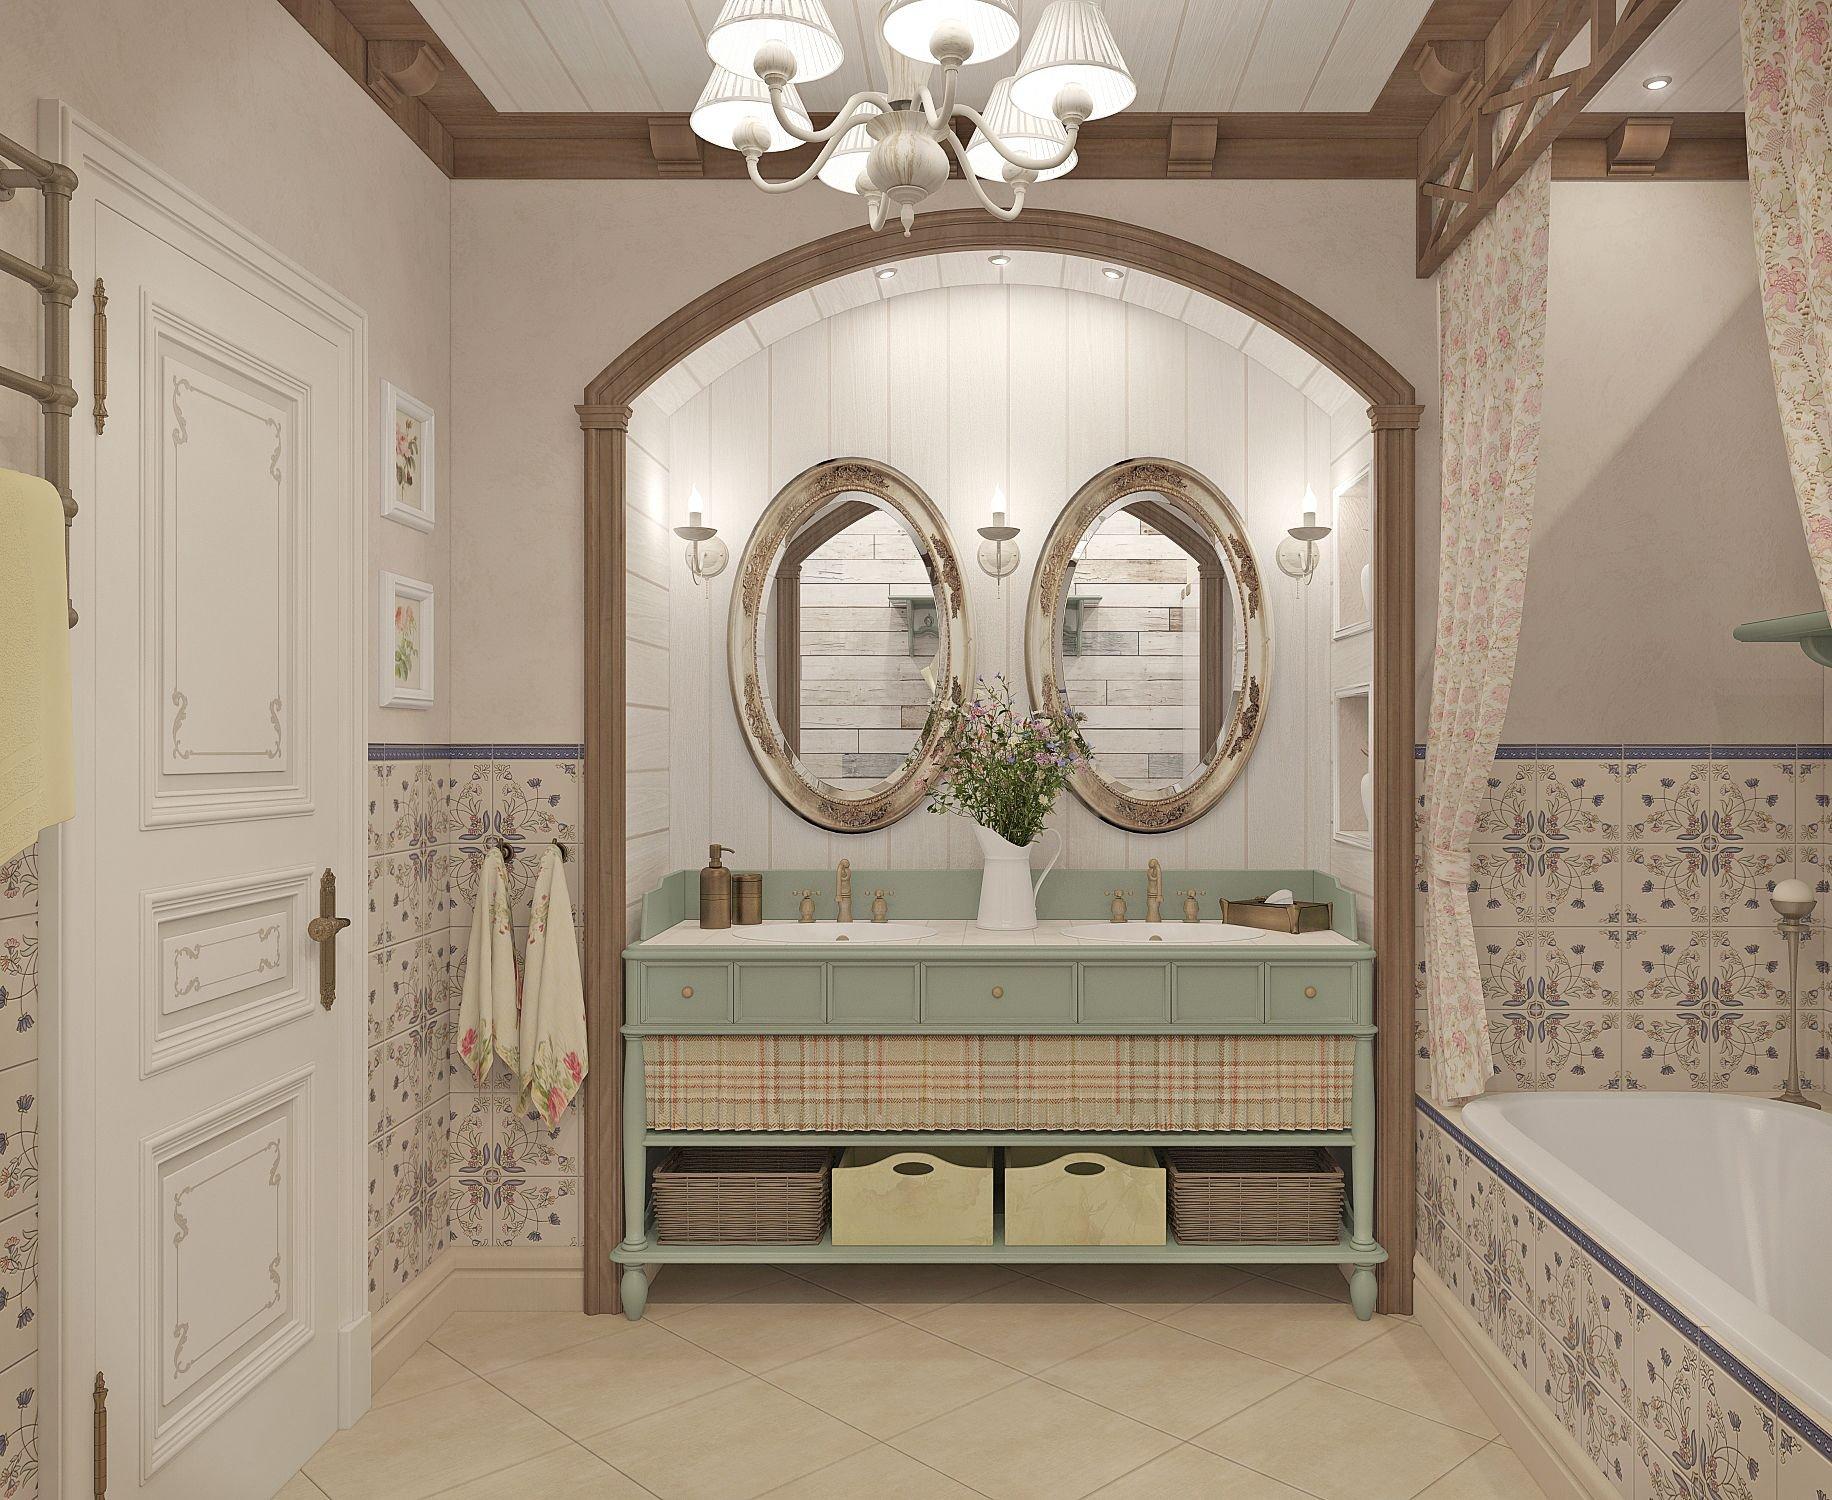 Ванная в стиле прованс (81 фото):  выбор мебели и аксессуаров, дизайн интерьера маленькой комнаты